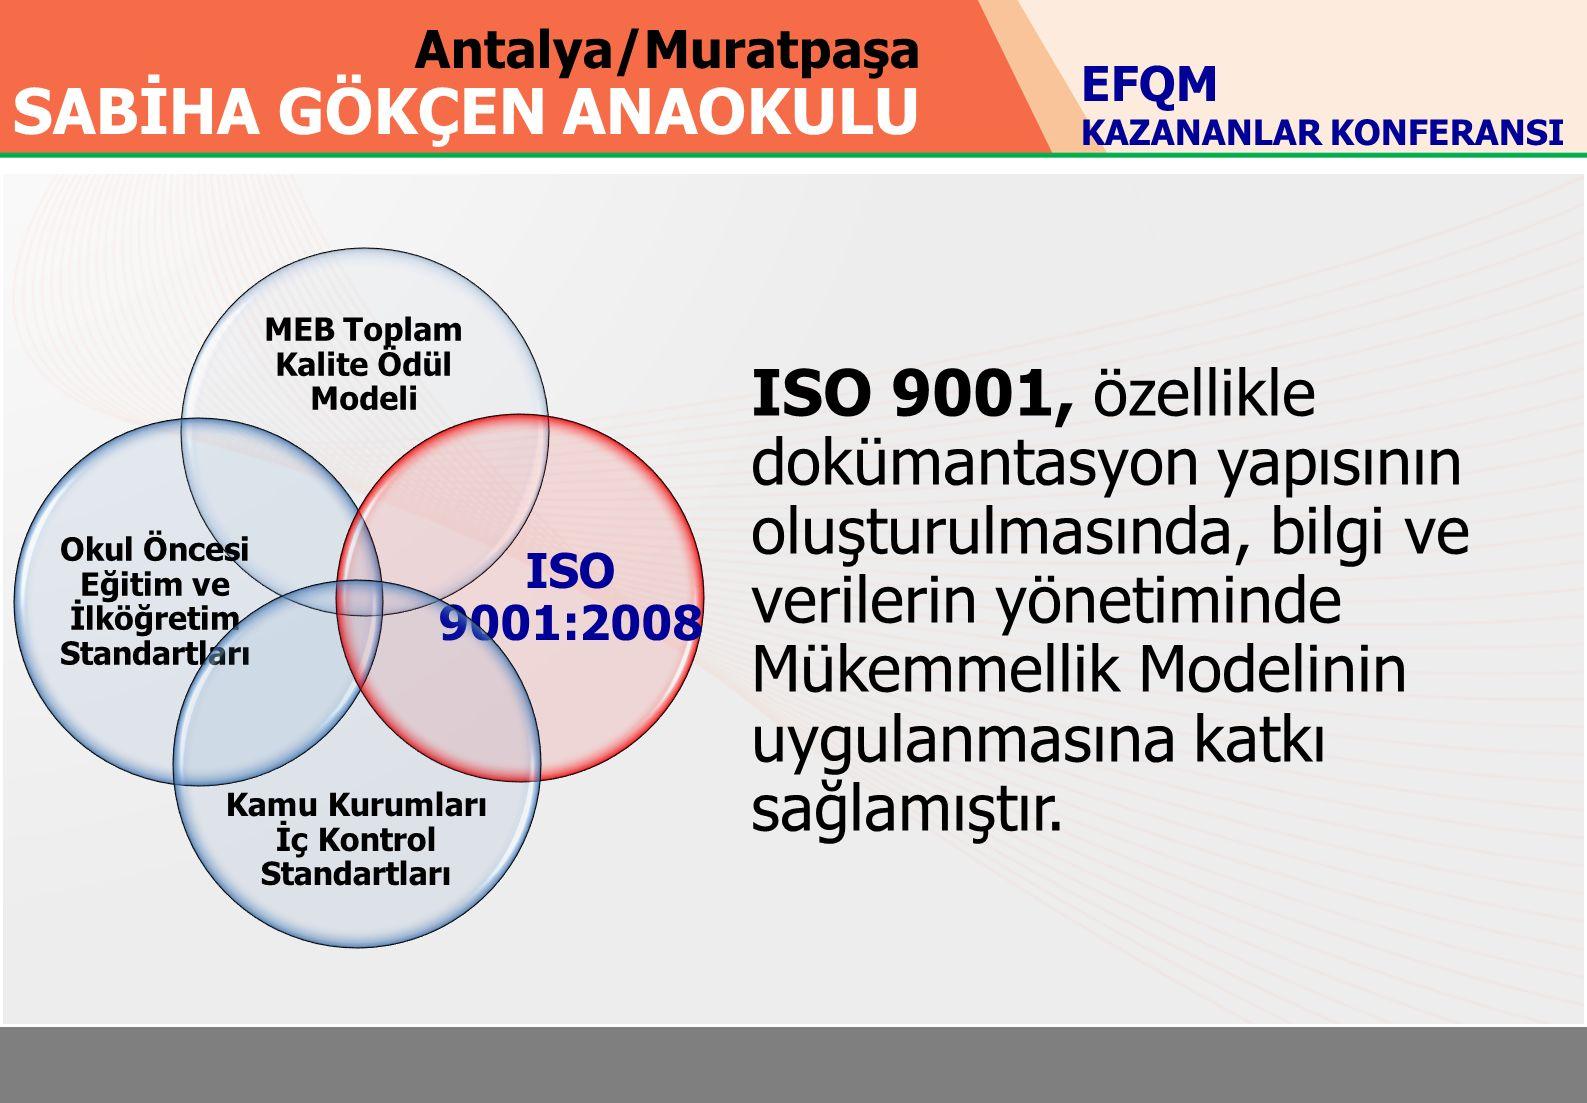 Antalya/Muratpaşa SABİHA GÖKÇEN ANAOKULU MEB Toplam Kalite Ödül Modeli Okul Öncesi Eğitim ve İlköğretim Standartları ISO 9001:2008 Kamu Kurumları İç Kontrol Standartları EFQM KAZANANLAR KONFERANSI ISO 9001, özellikle dokümantasyon yapısının oluşturulmasında, bilgi ve verilerin yönetiminde Mükemmellik Modelinin uygulanmasına katkı sağlamıştır.